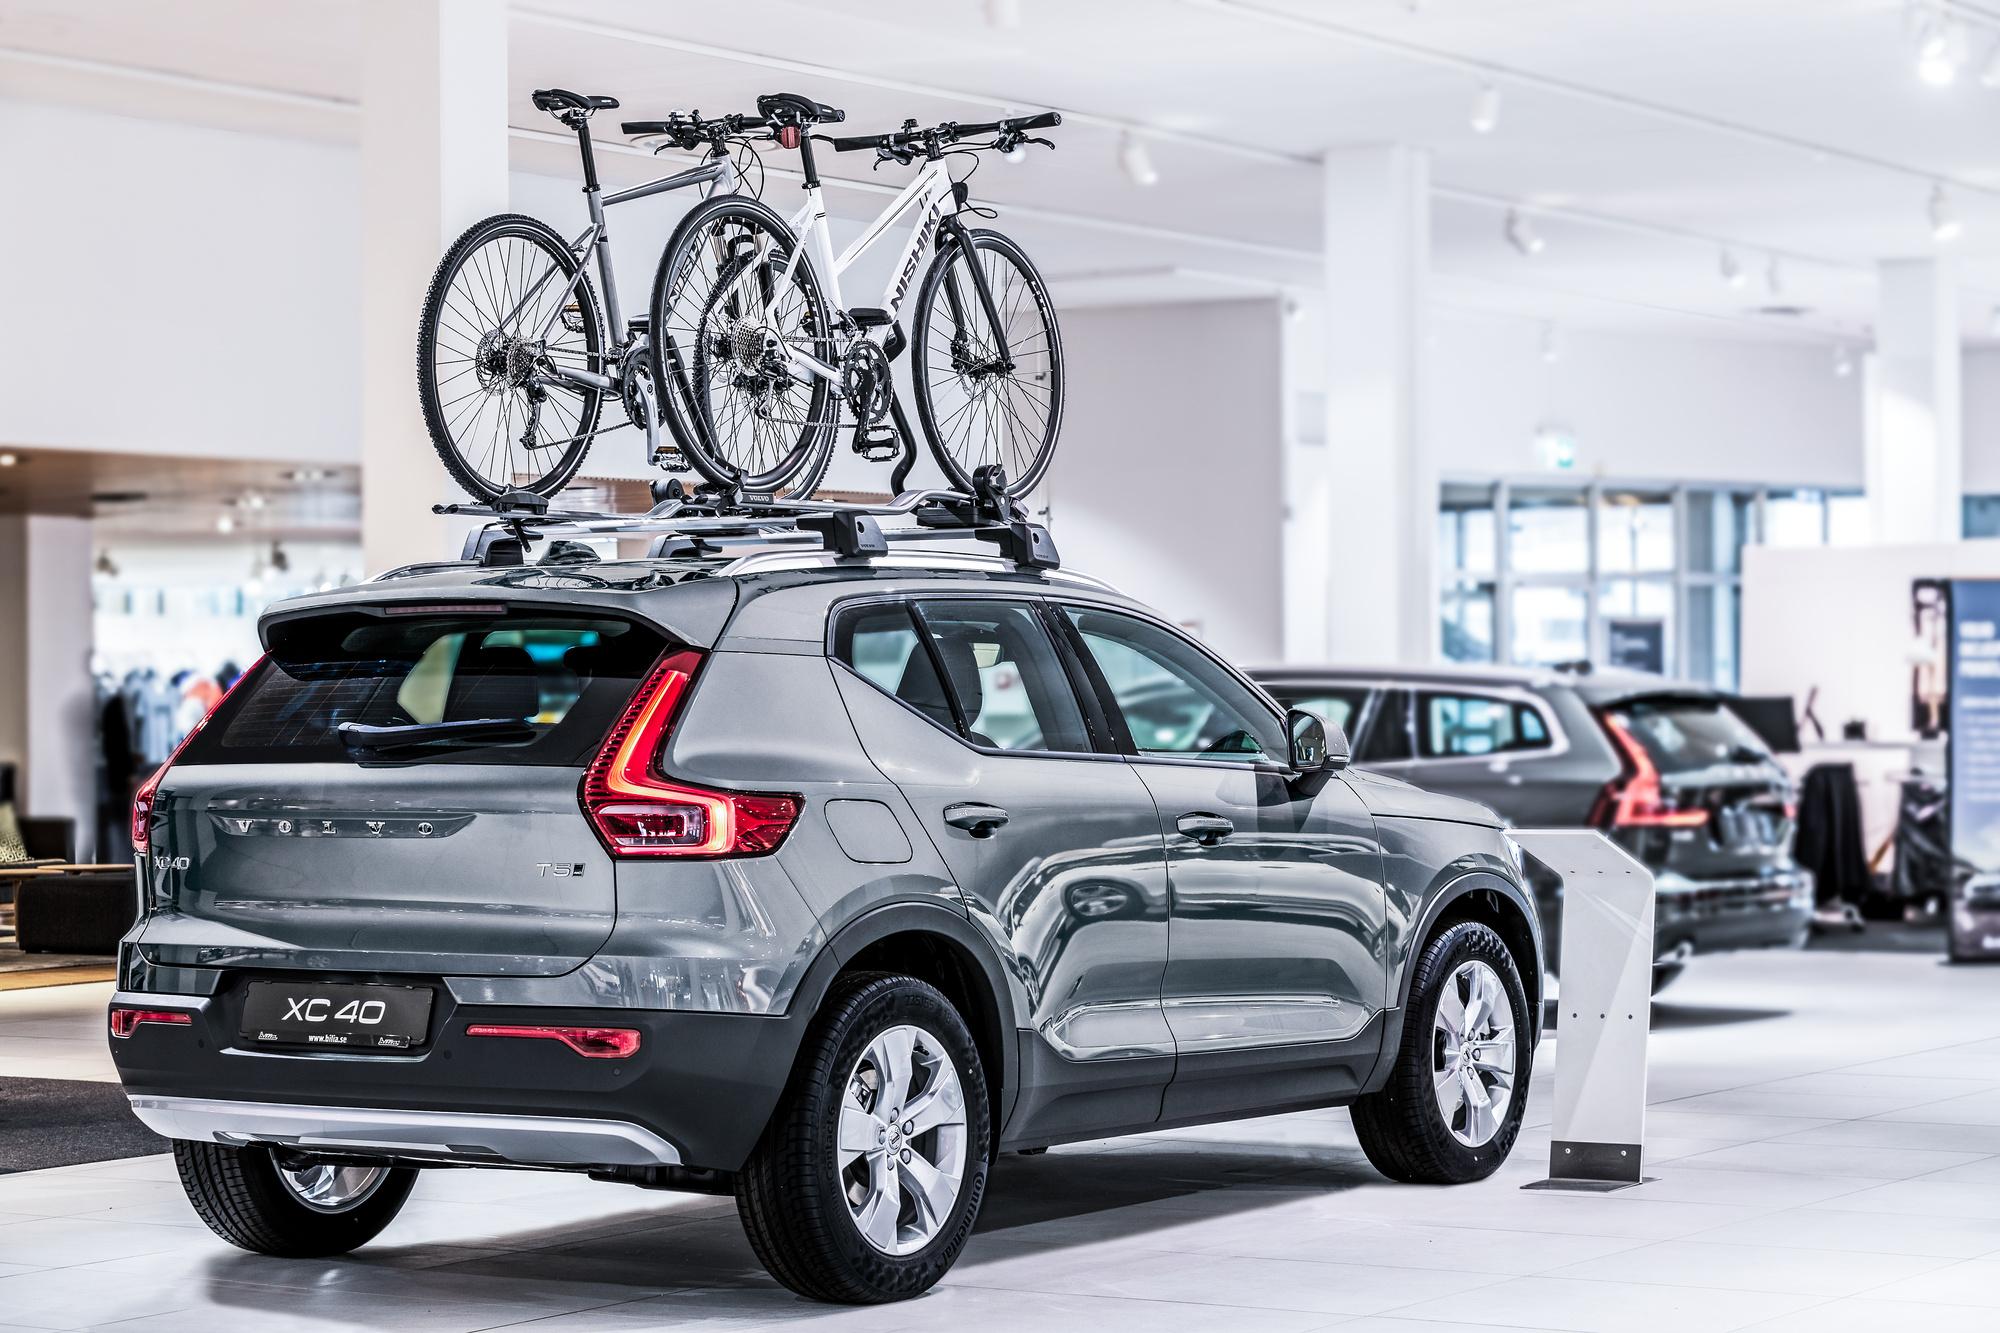 Volvo inicia venta de accesorios y productos Lifestyle en su tienda virtual